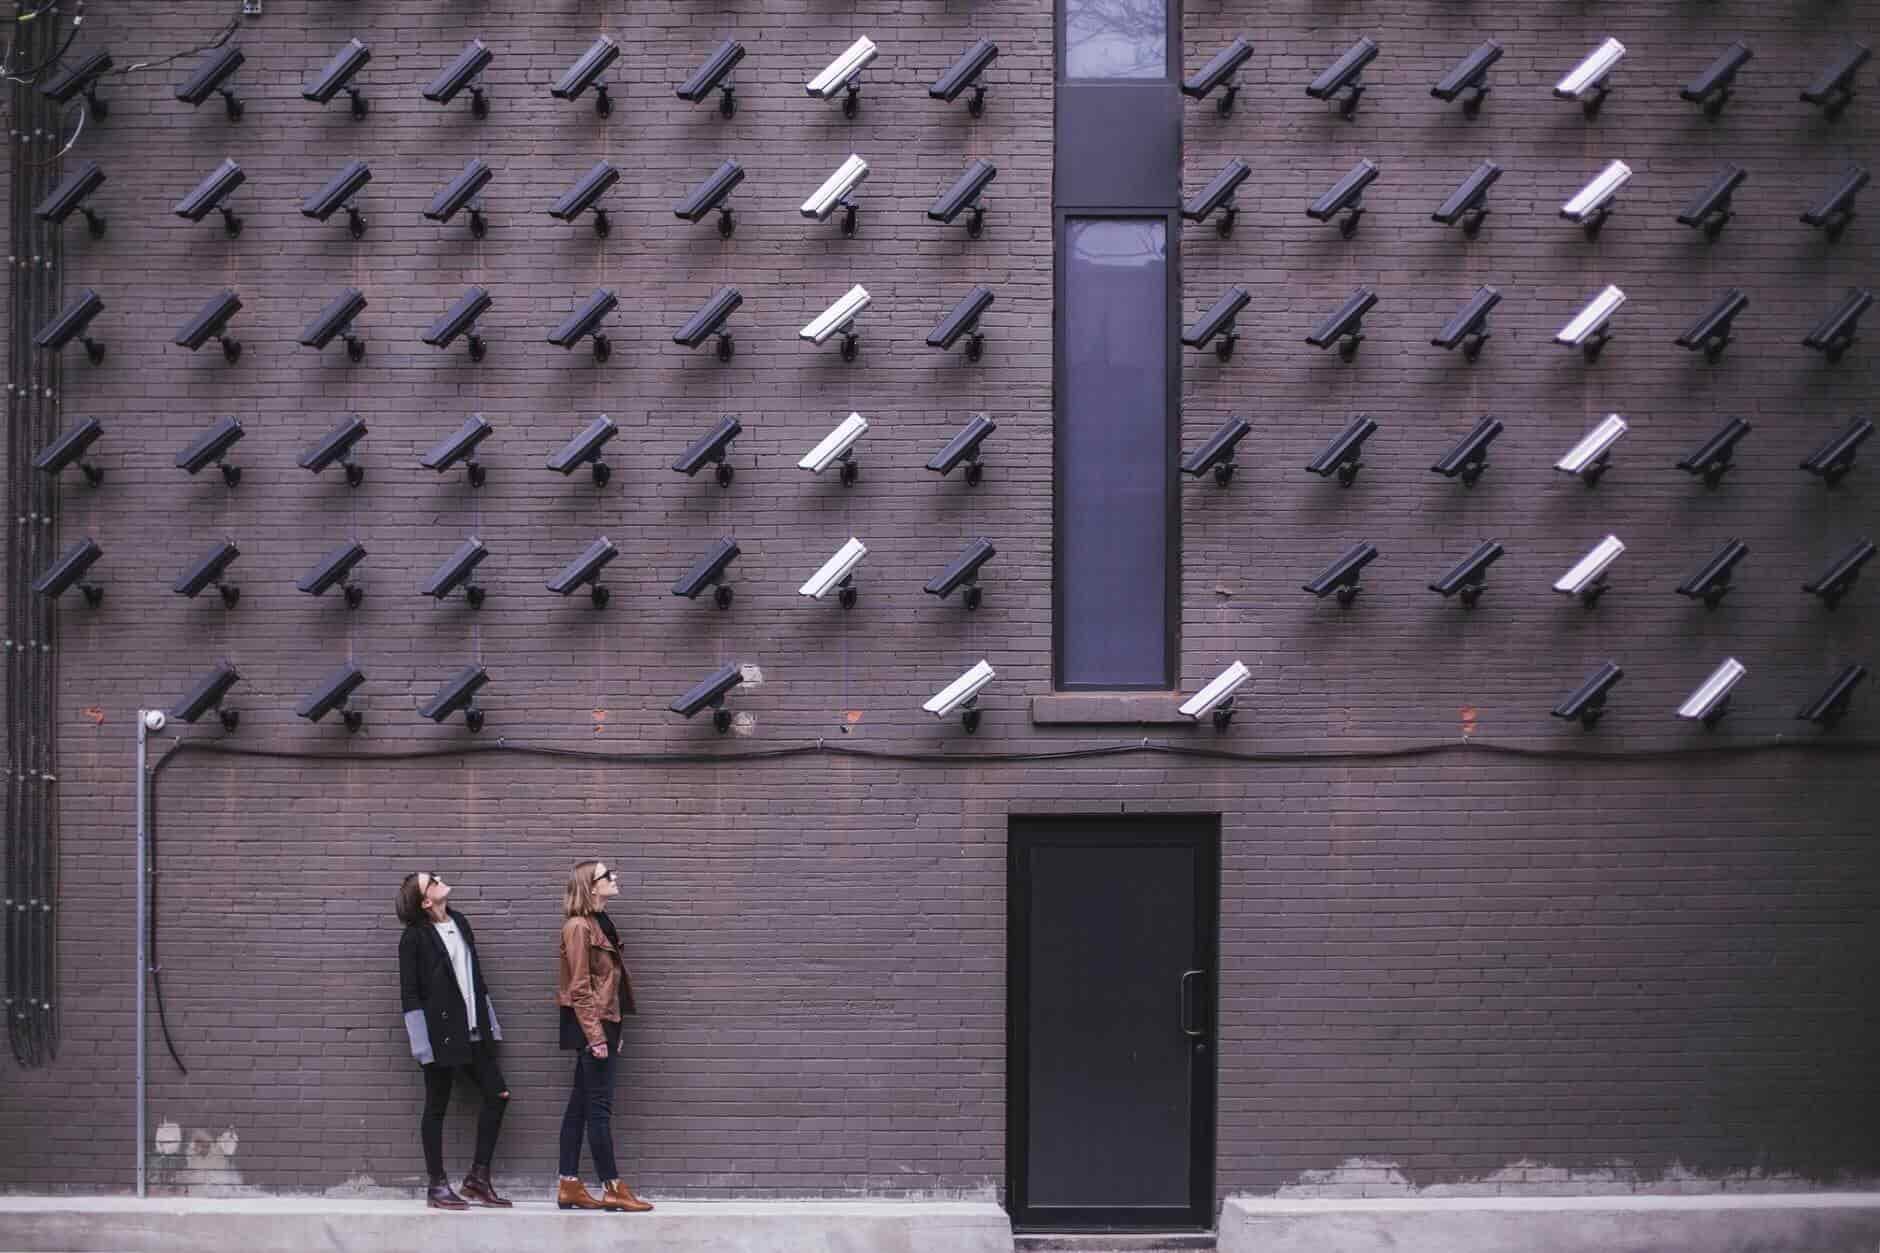 Prevention of Graffiti